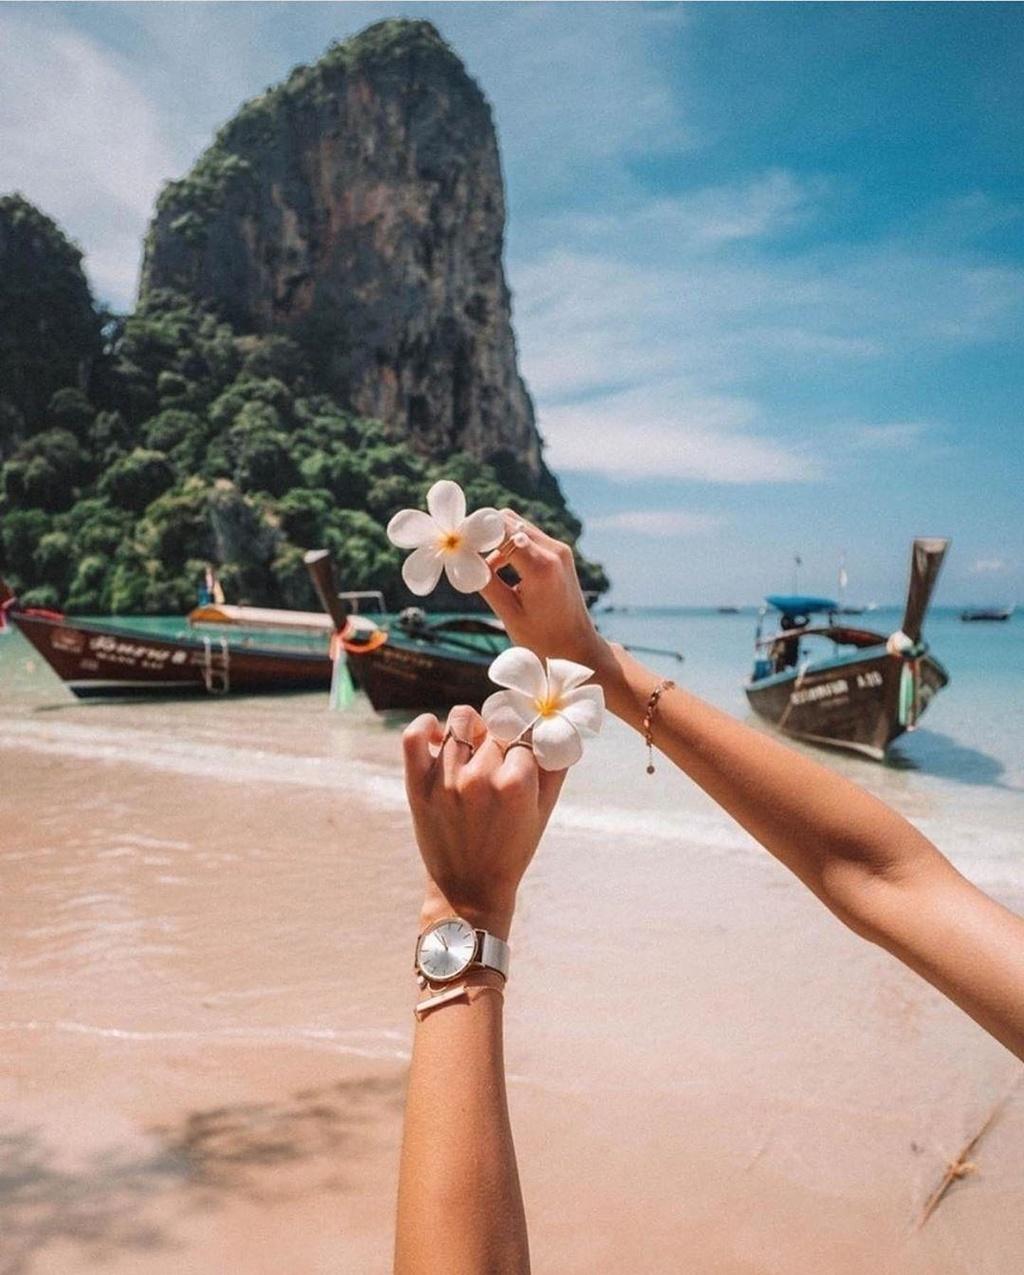 Krabi va nhung bai bien dep nhat Thai Lan hinh anh 4